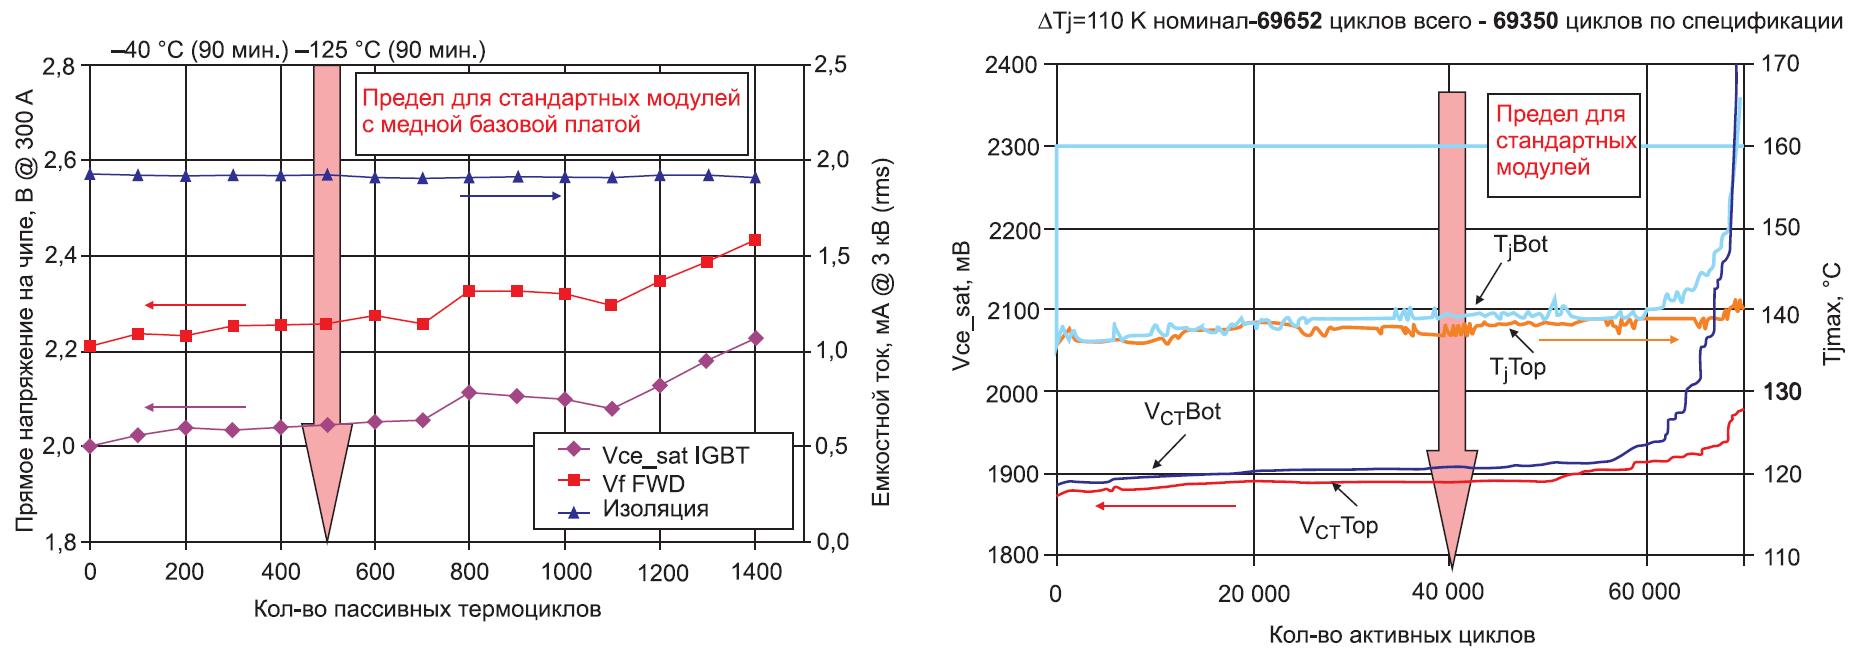 Результаты тестов на пассивное и активное термоциклирование модуля SKiM 93